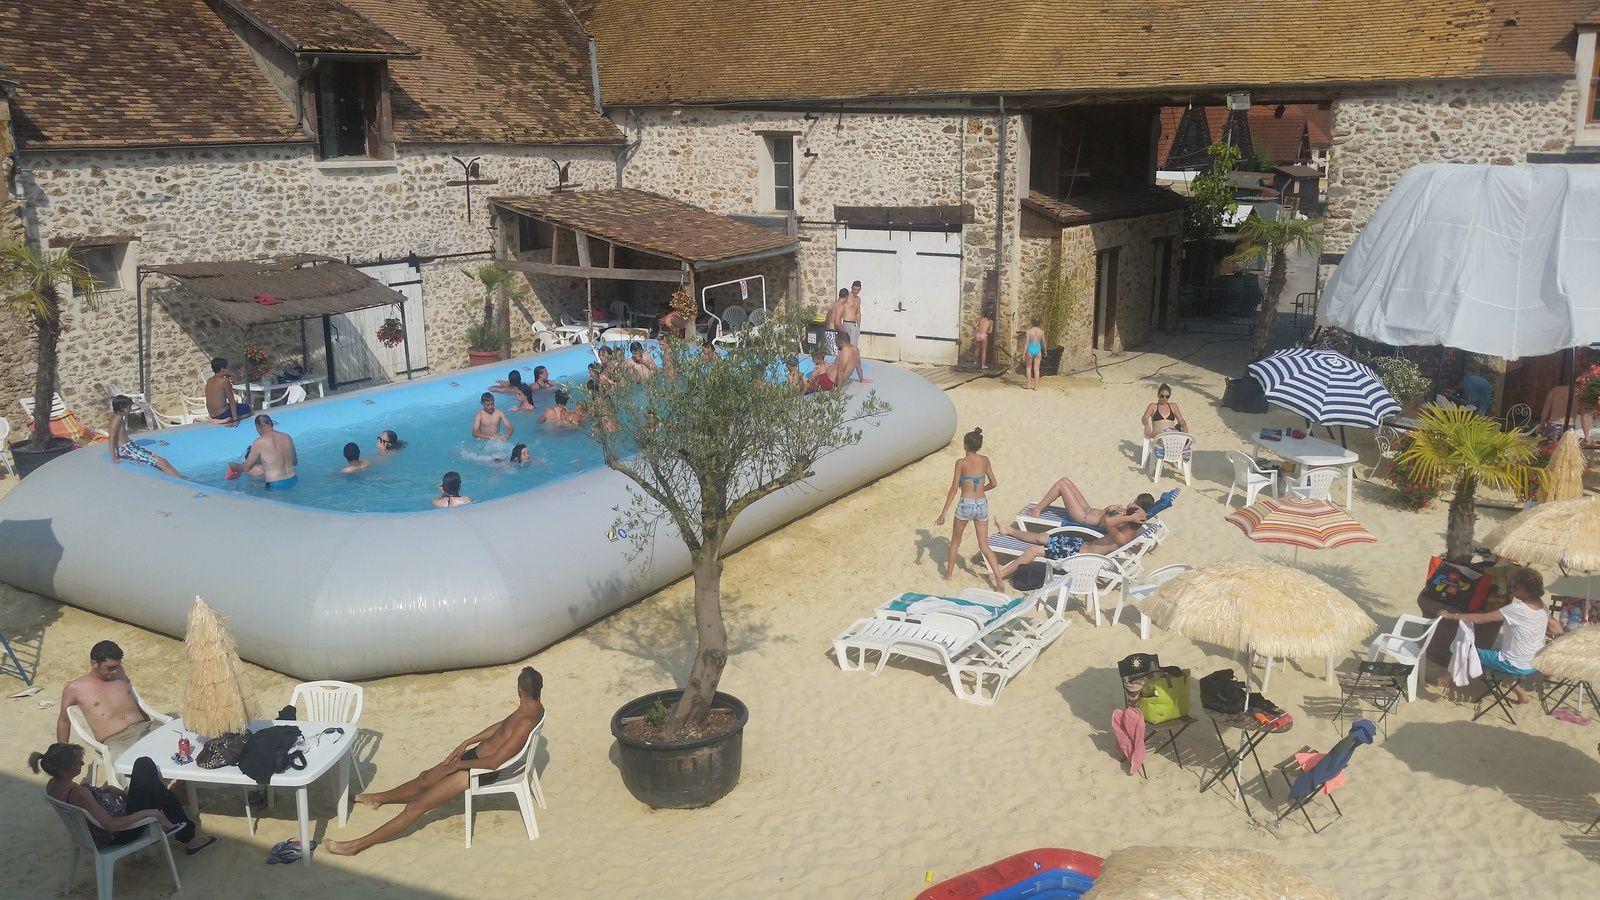 la plage de janvry ,l'oasis accueille les voyageurs de la canicule